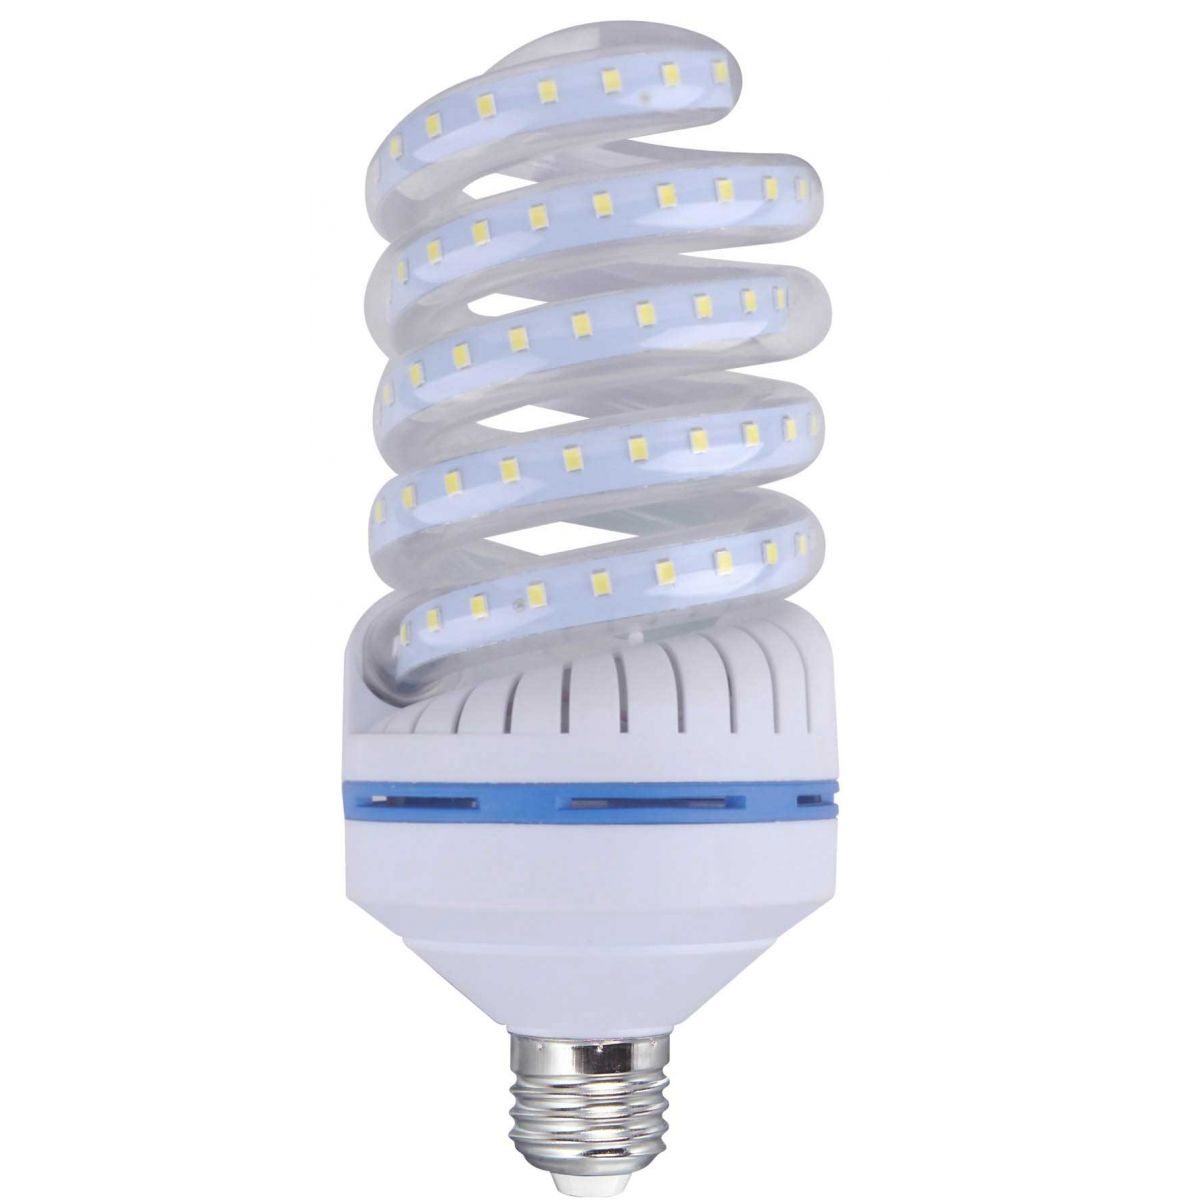 LÂMPADA COMPACTA ESPIRAL LED 24W 6000K EMBU LED